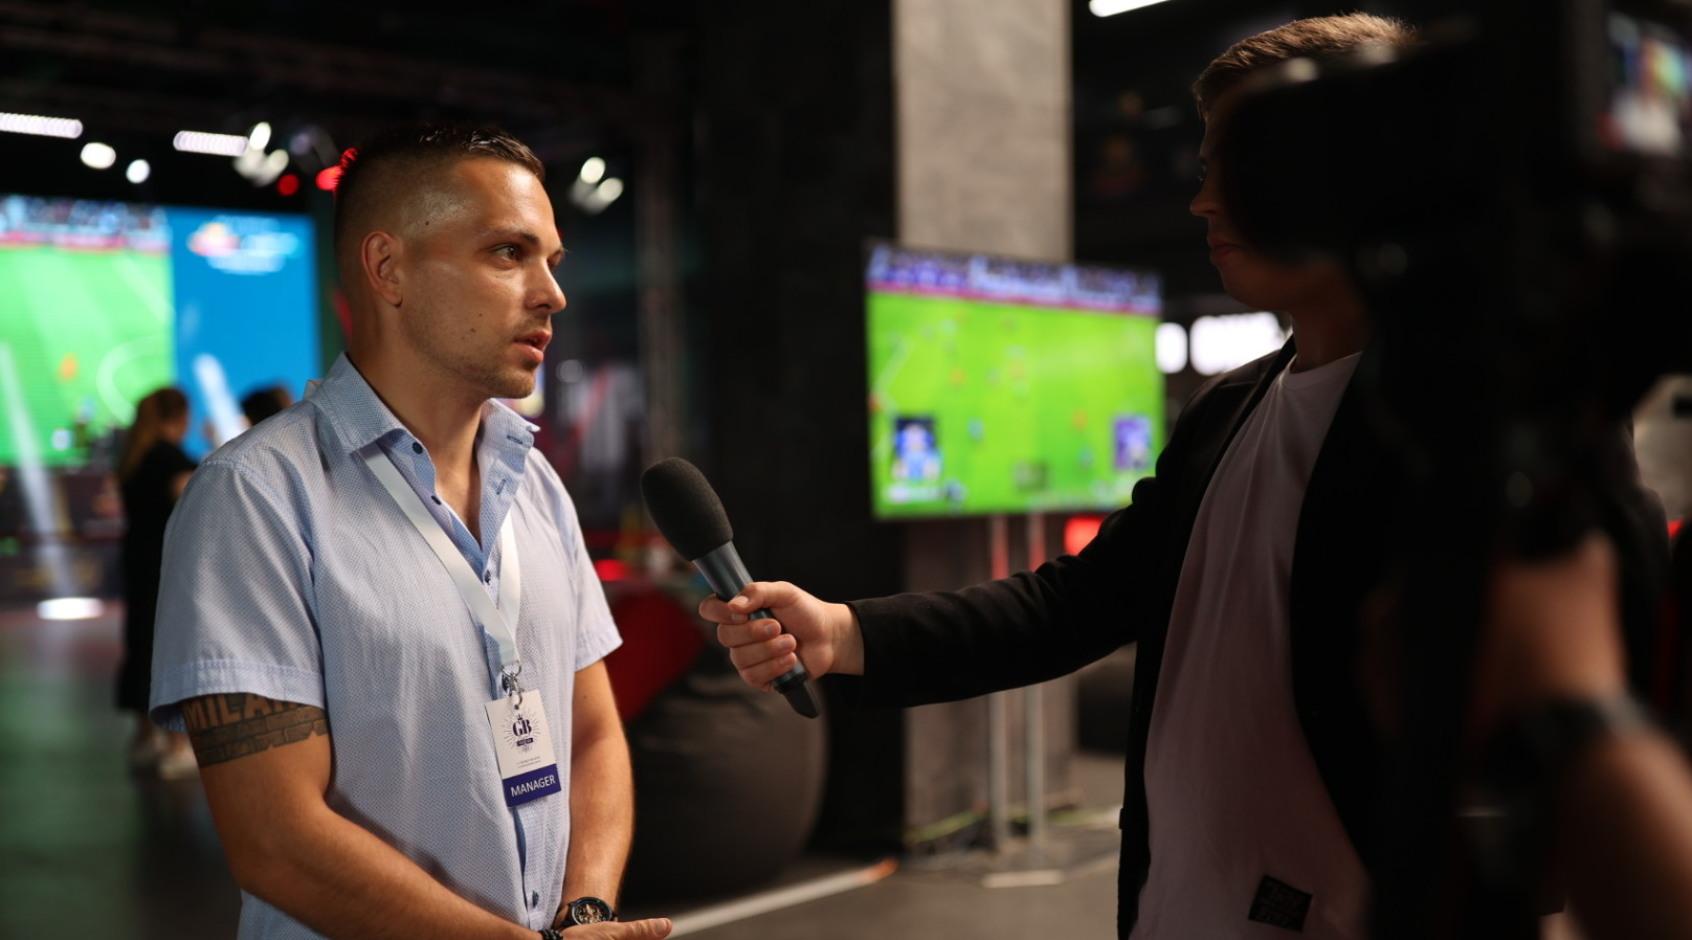 Вице-президент УАЕФ - про украинские сборные и клубы в футбольных симуляторах, выходе FIFA 22 и eFootball